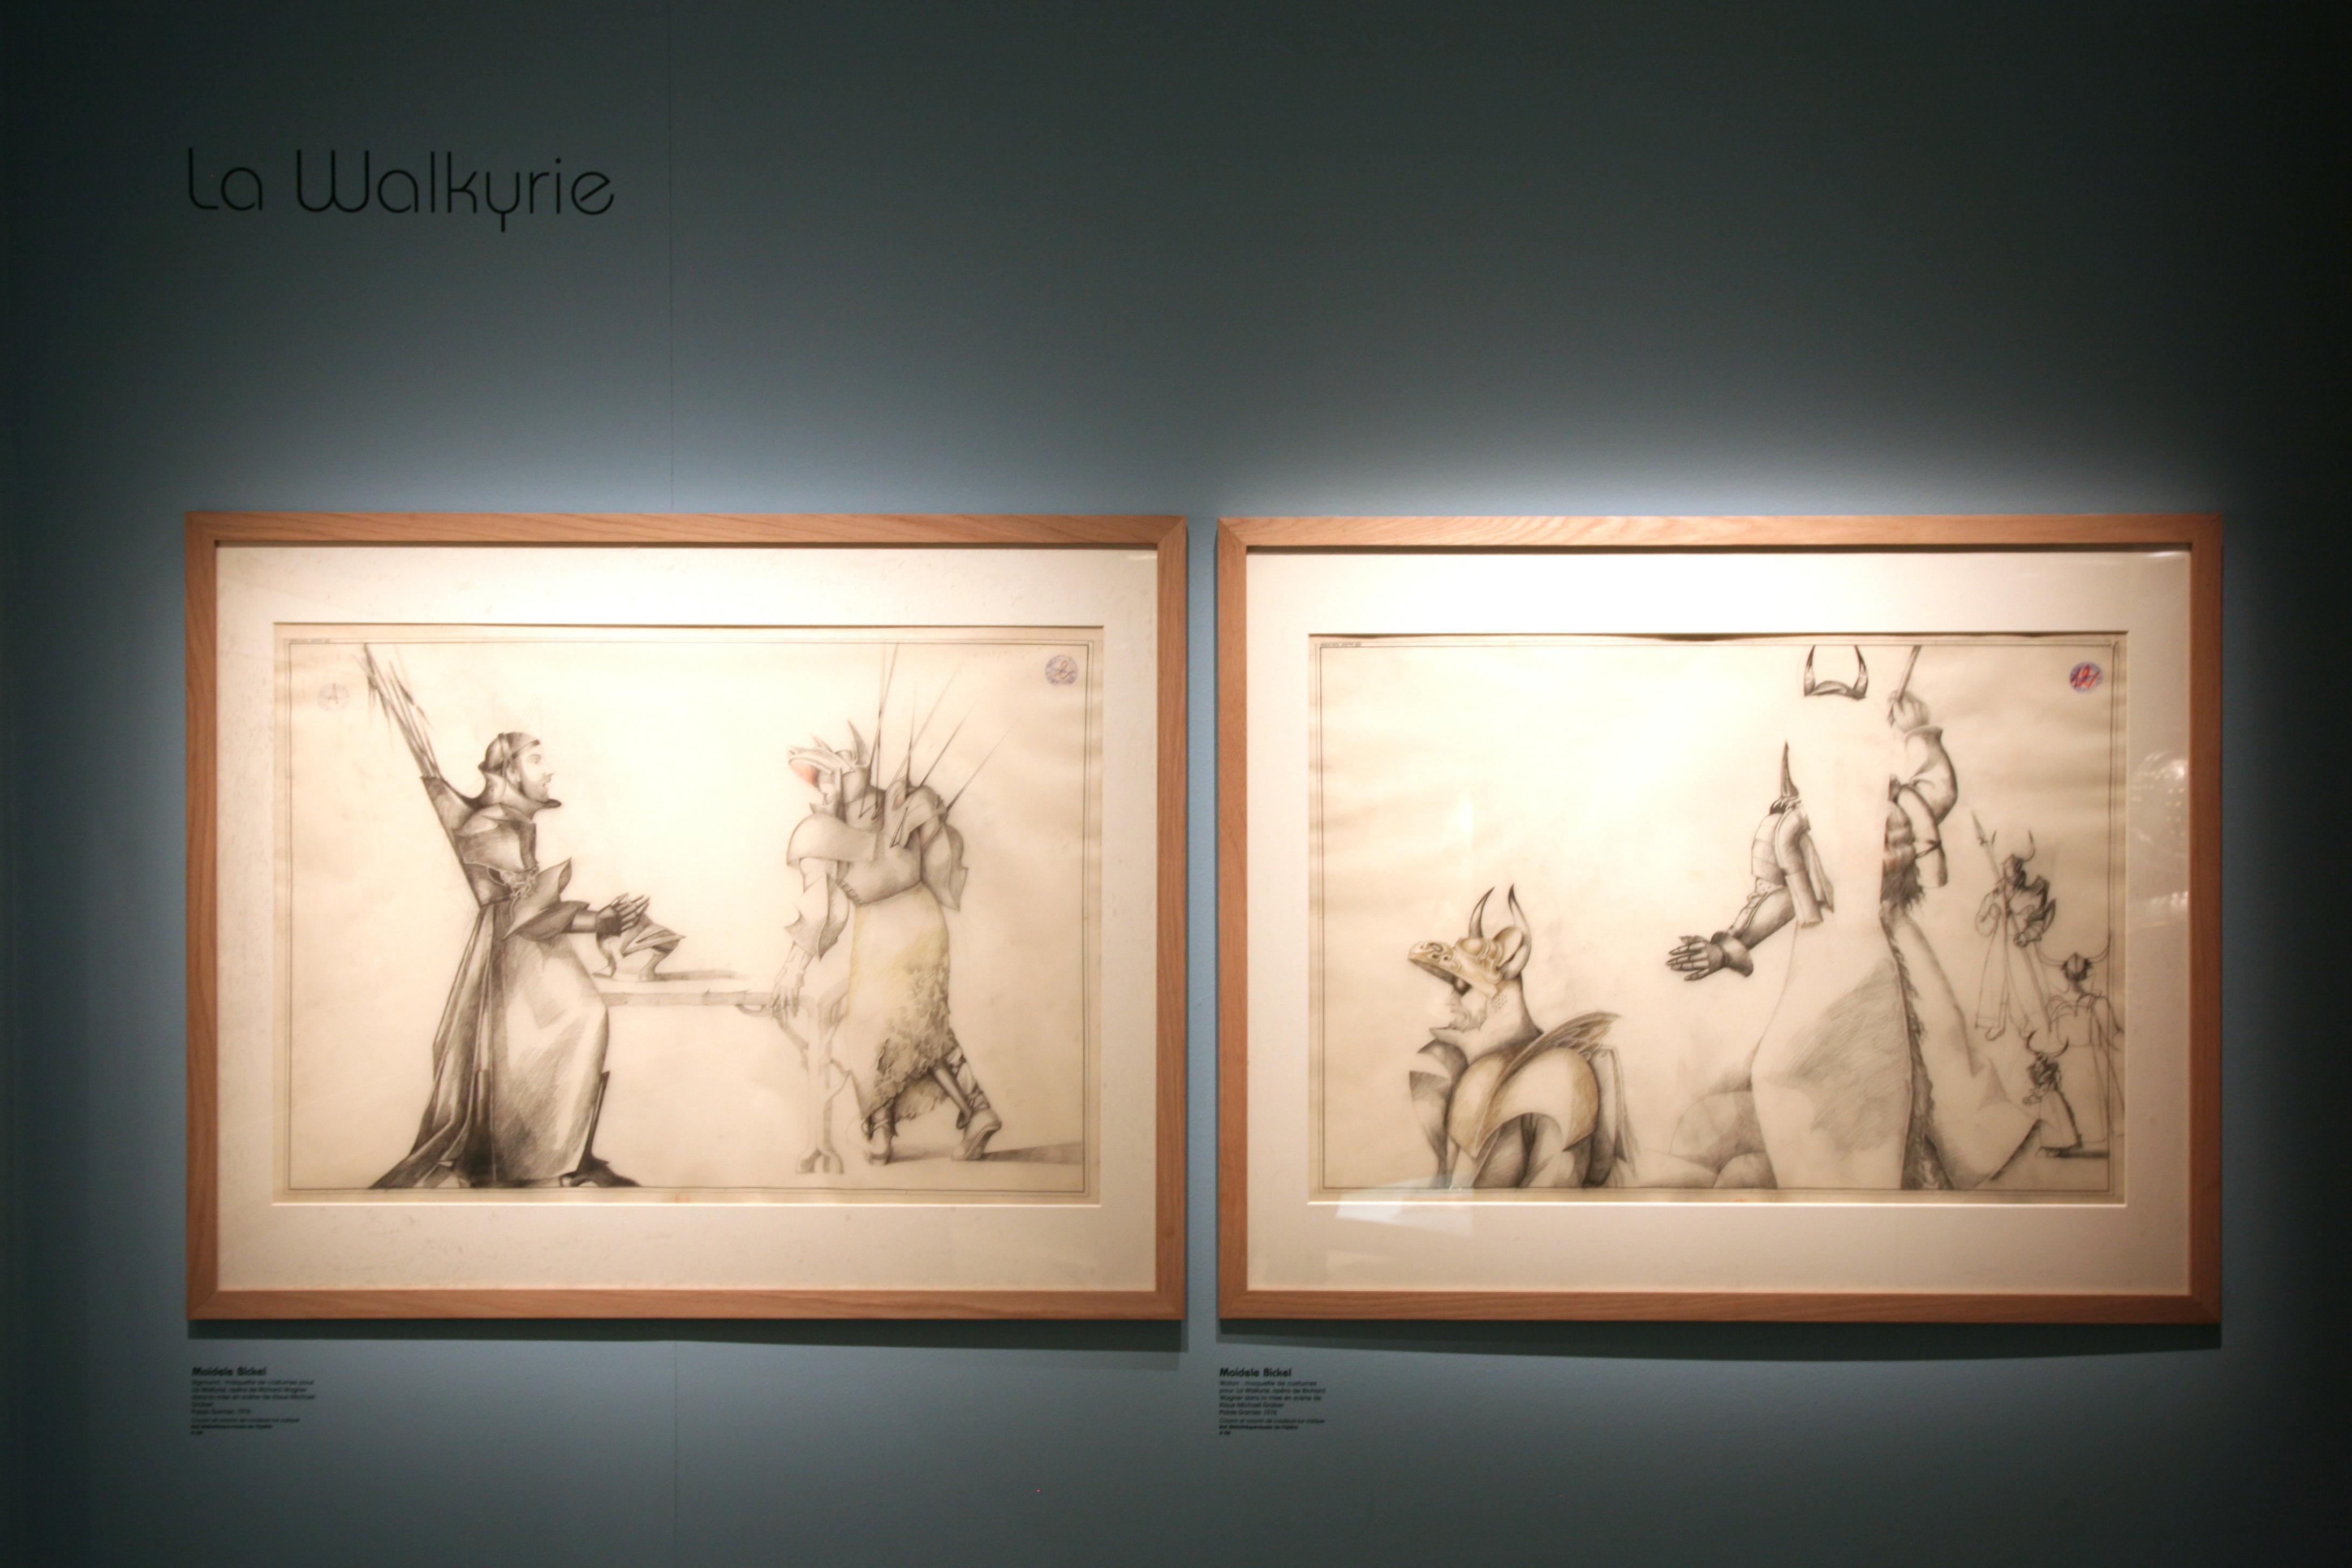 무료 이미지 : 파리, 벽, 오페라, 그림, 박람회, 디자인, bnf, 사진 ...